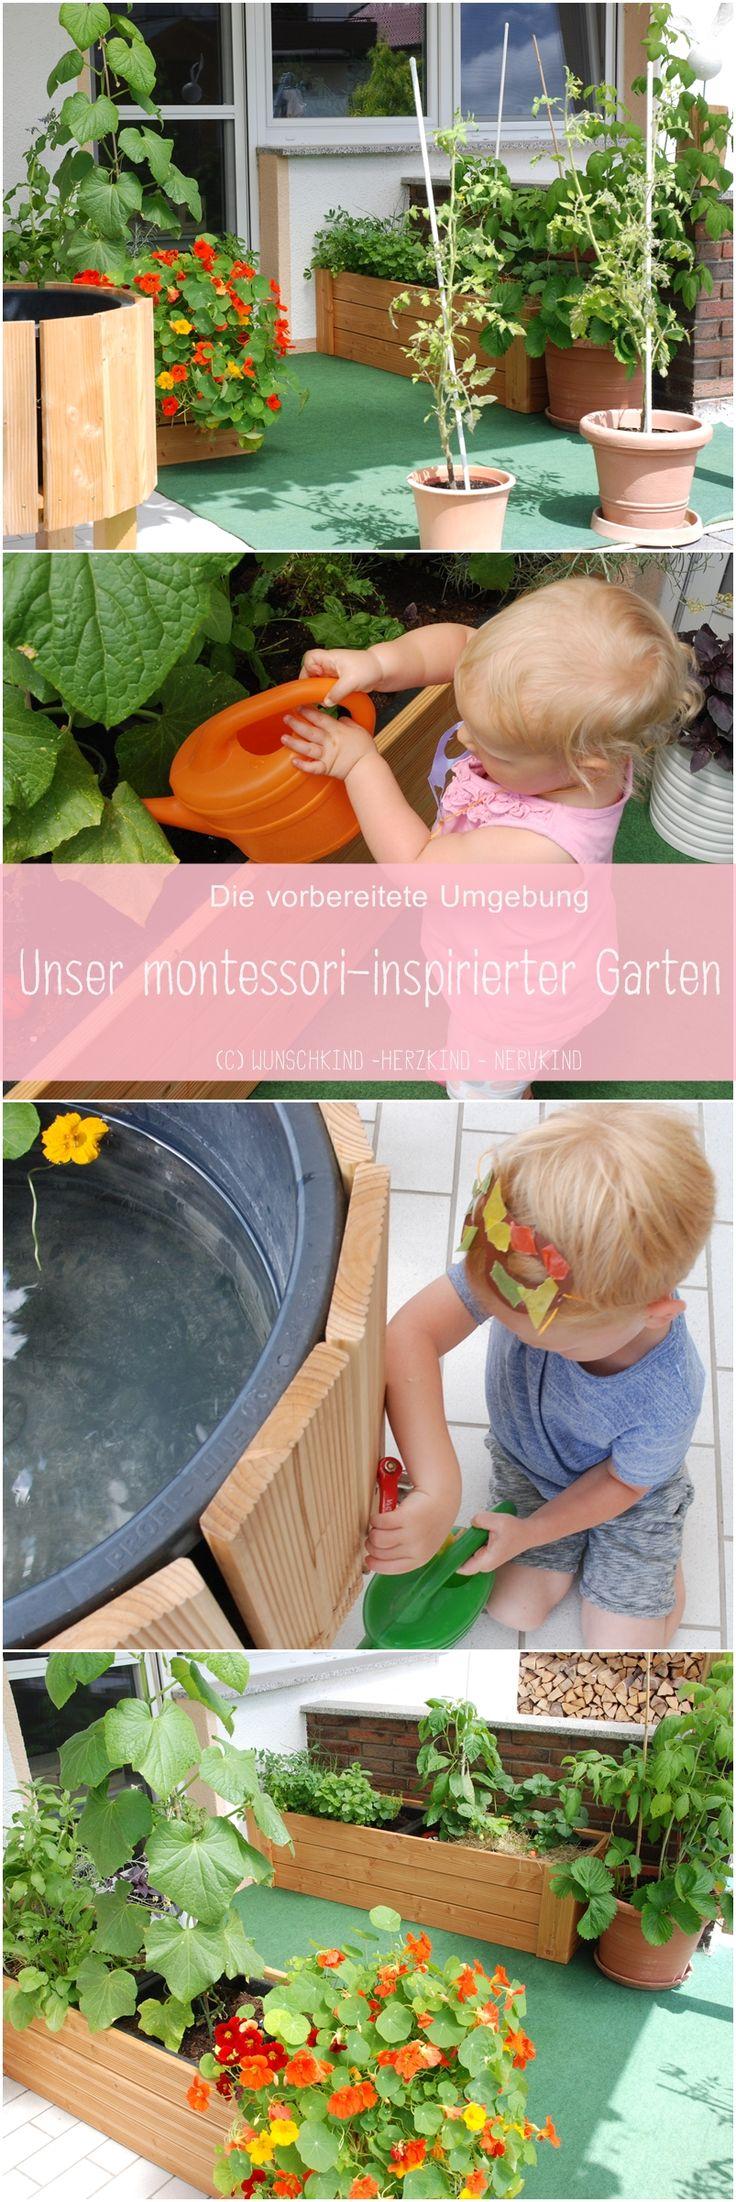 Zur vorbereiteten Umgebung gehört jeder Bereich im Haus. Maria Montessori erkannte auch die Gartenarbeit als einen wichtigen Lernteil für kleine Kinder an. Urban Gardening ist schon auf dem kleinsten Balkon oder Terrasse möglich und bietet Kindern viele wichtige Informationen über das Pflanzenwachstum, Natur und den natürlichen Kreislauf der Dinge.